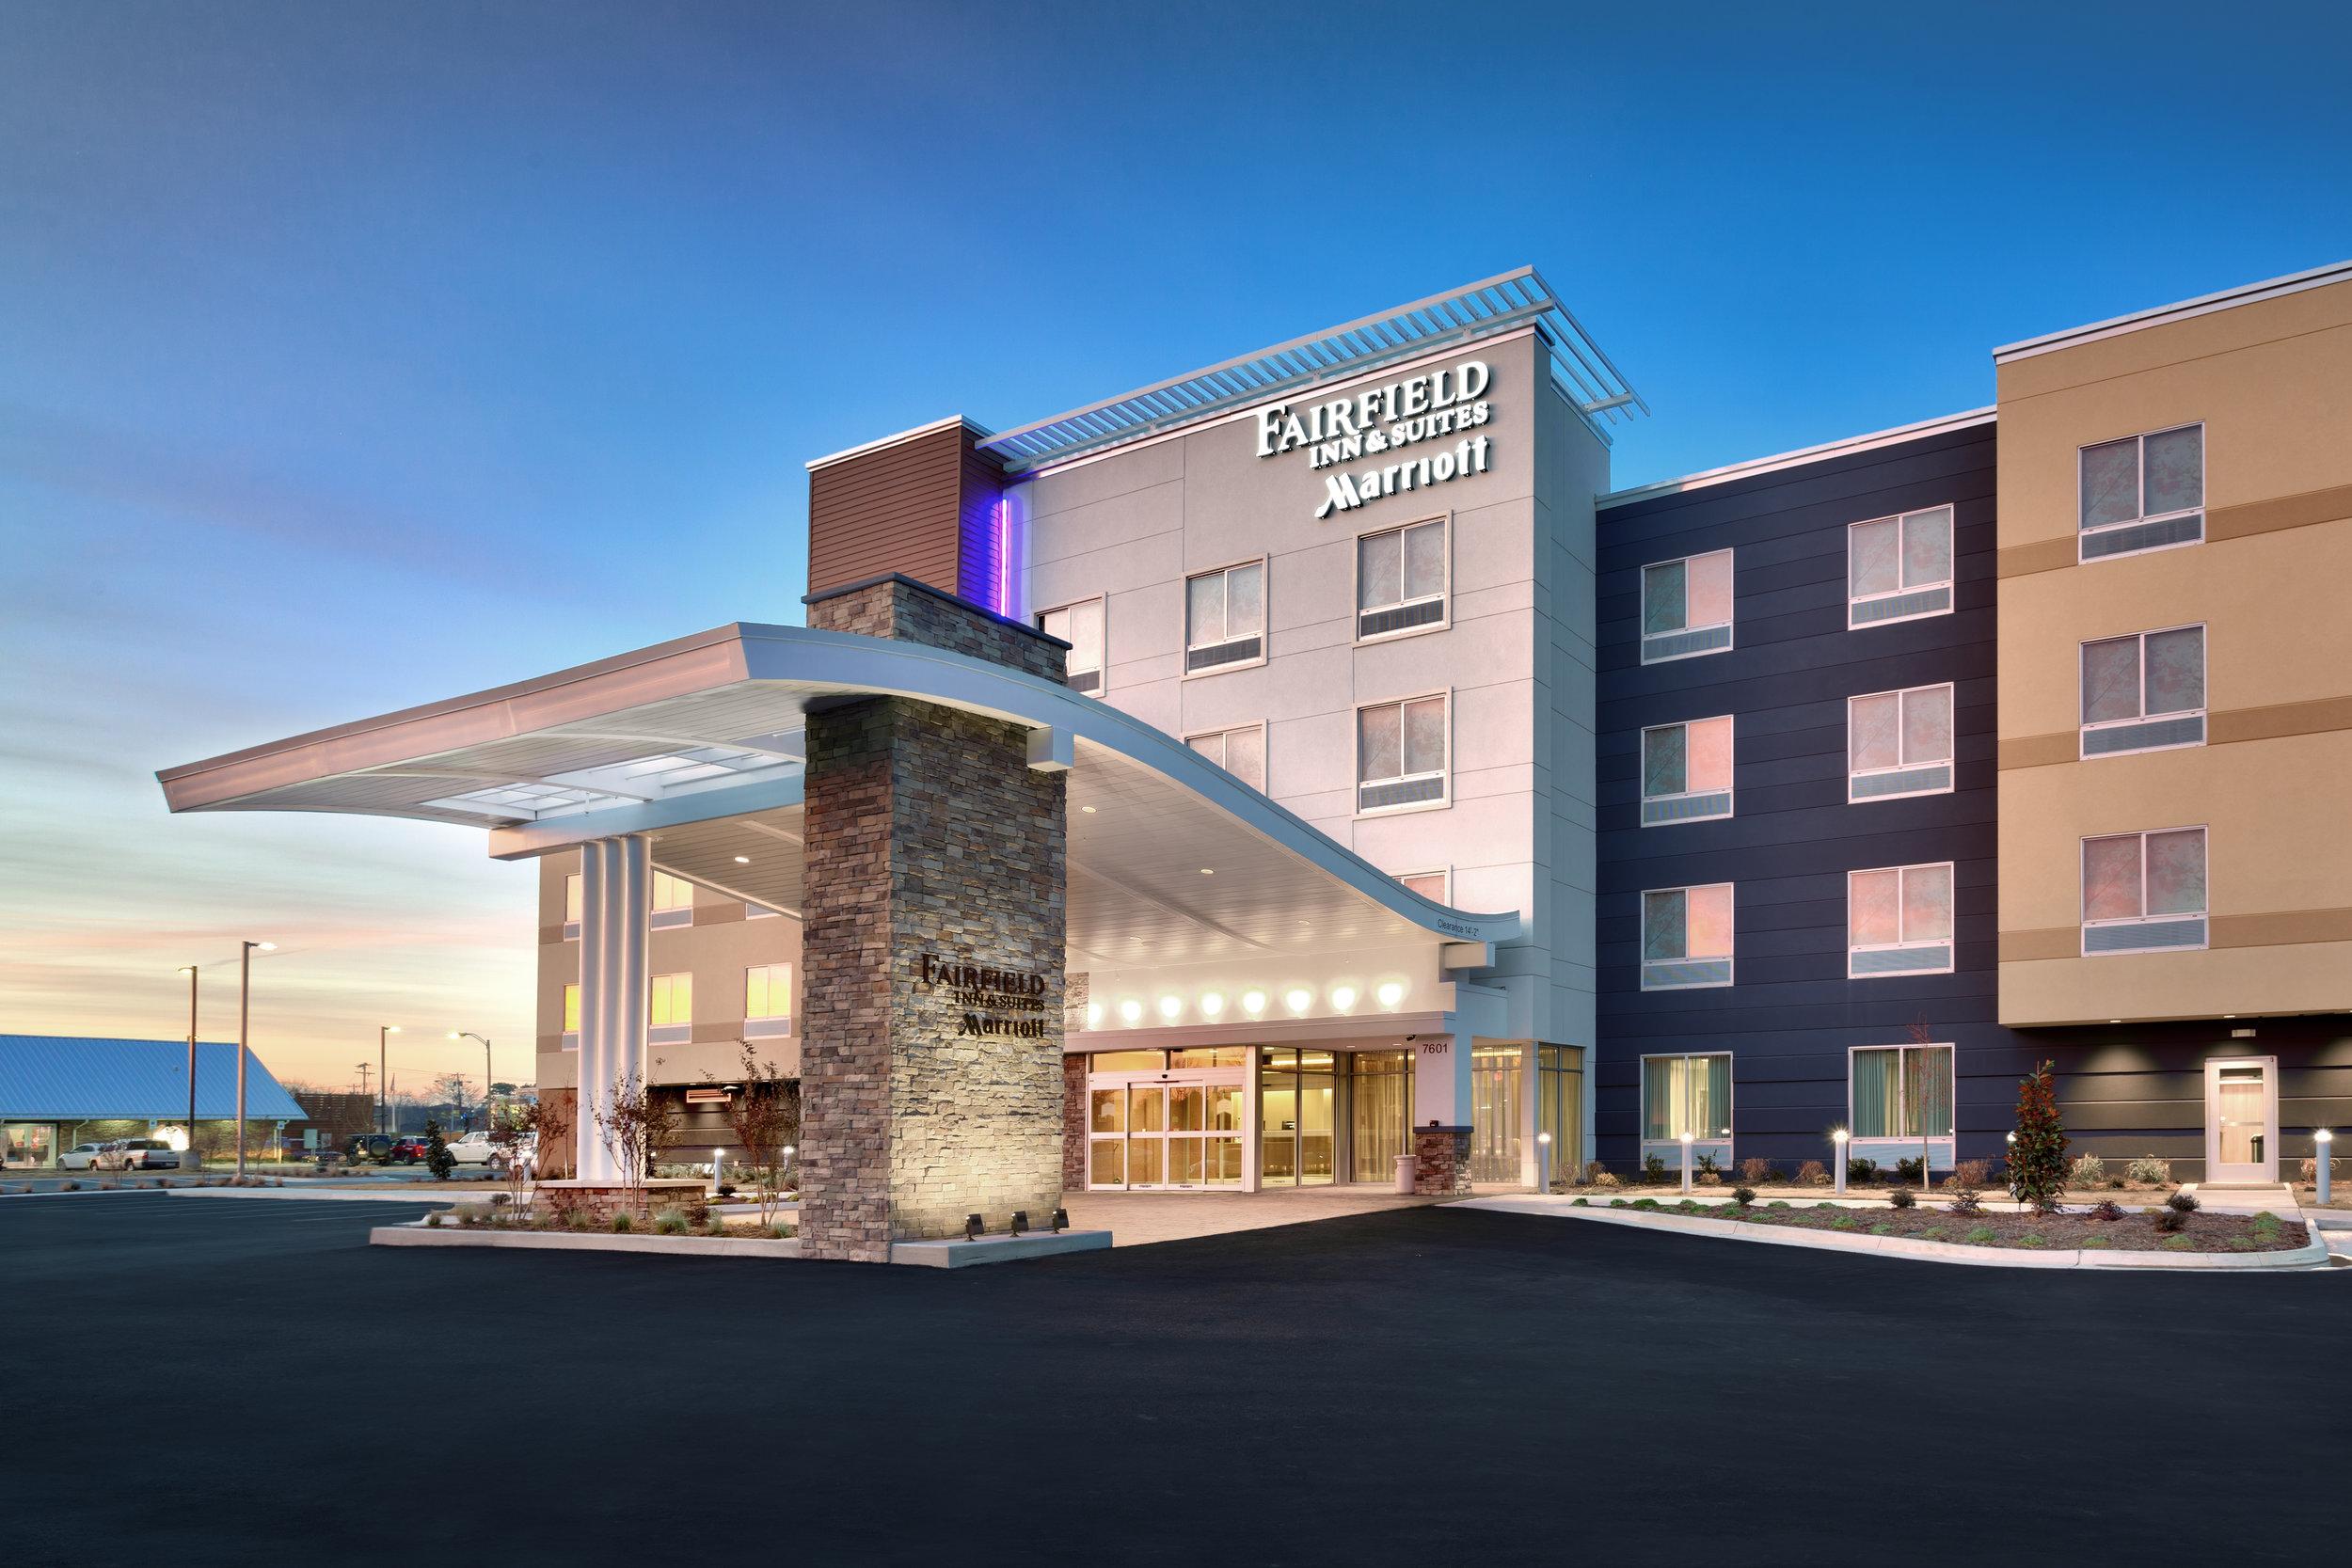 Fairfield Inn & Suites Fort Smith Arkansas G&G Hospitality